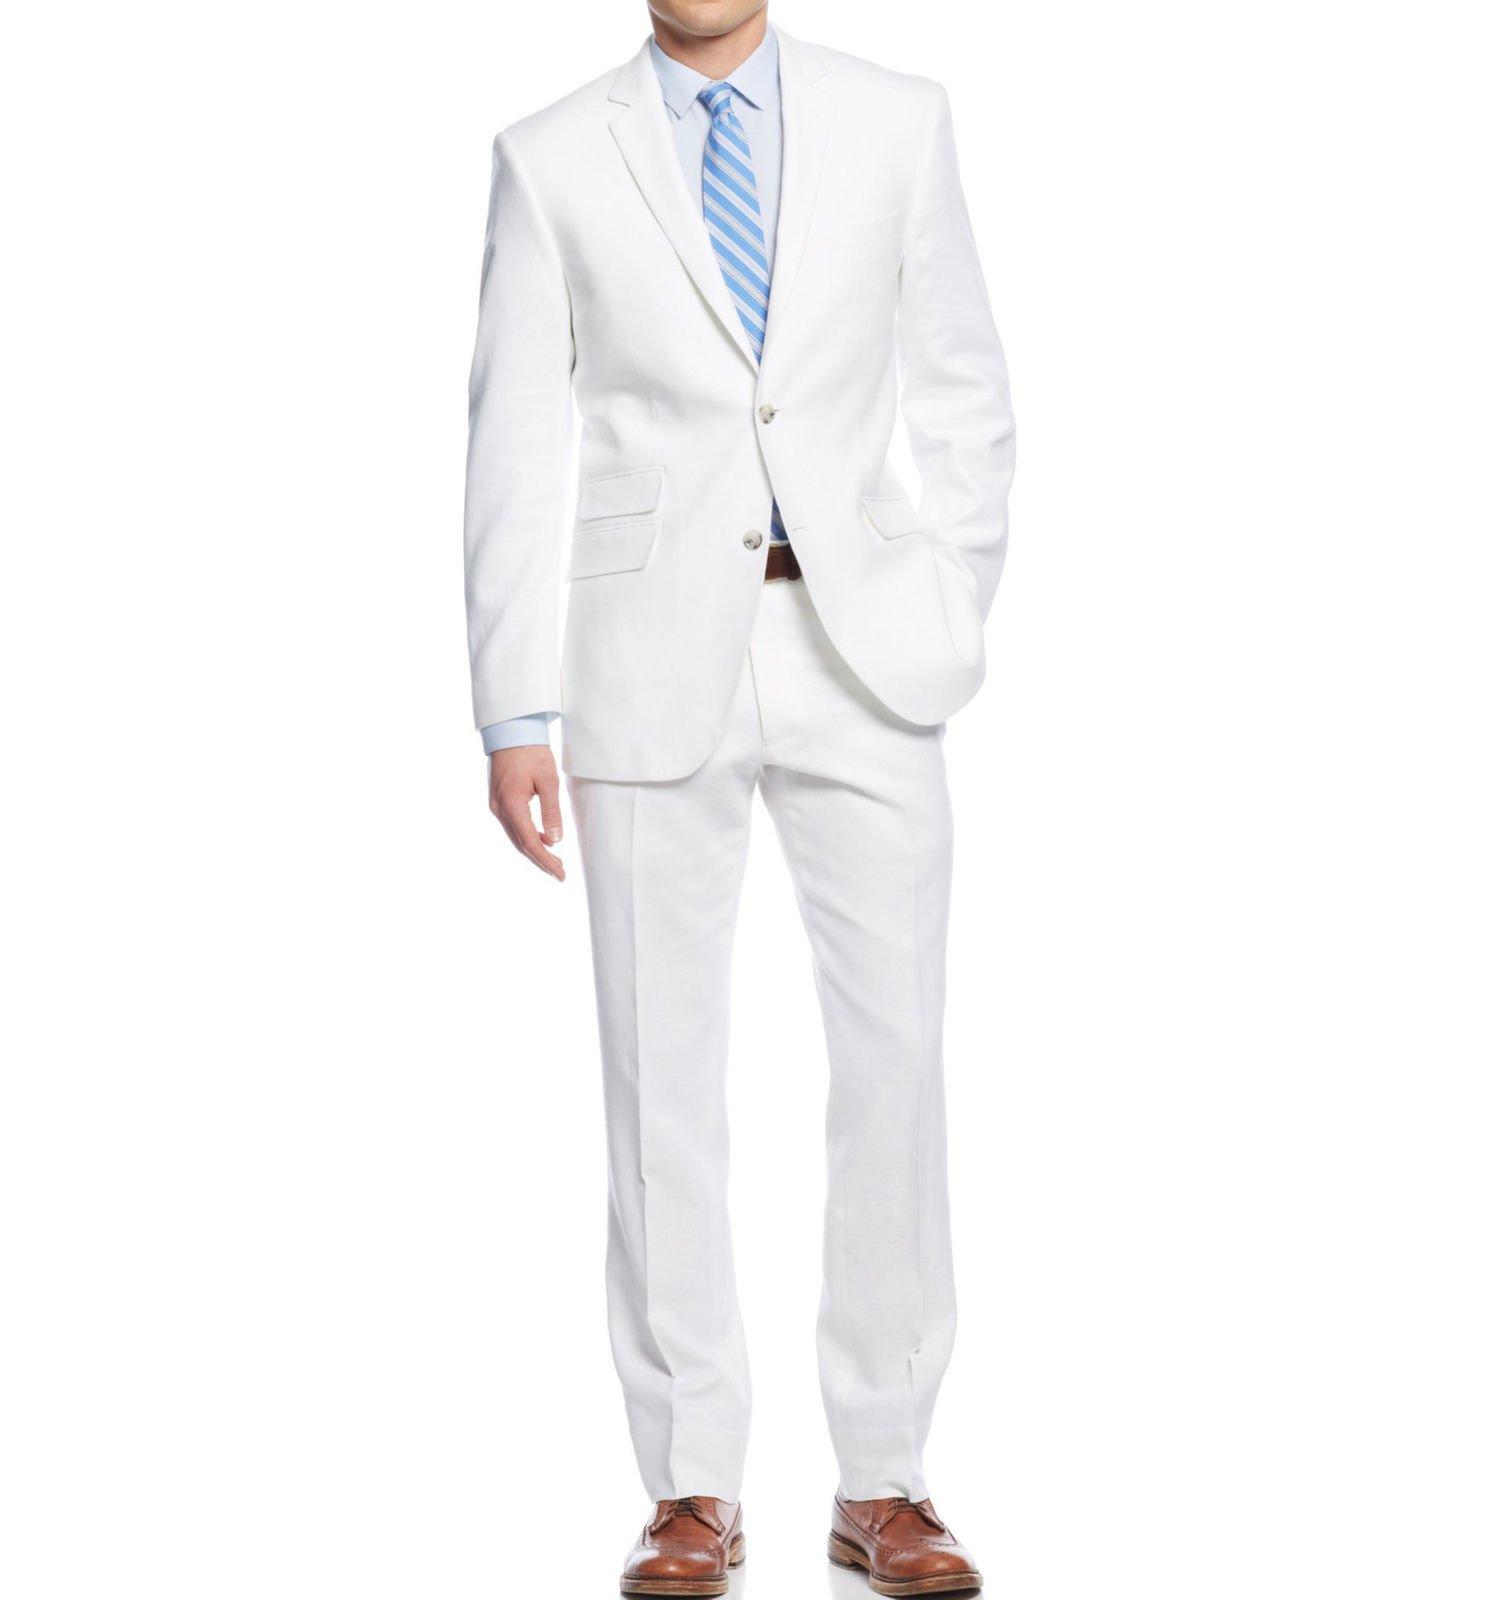 7351de96ccea NWT Perry Ellis Portfolio Men's 2 Piece Slim Fit Linen Suit Jacket 50L Pant  45